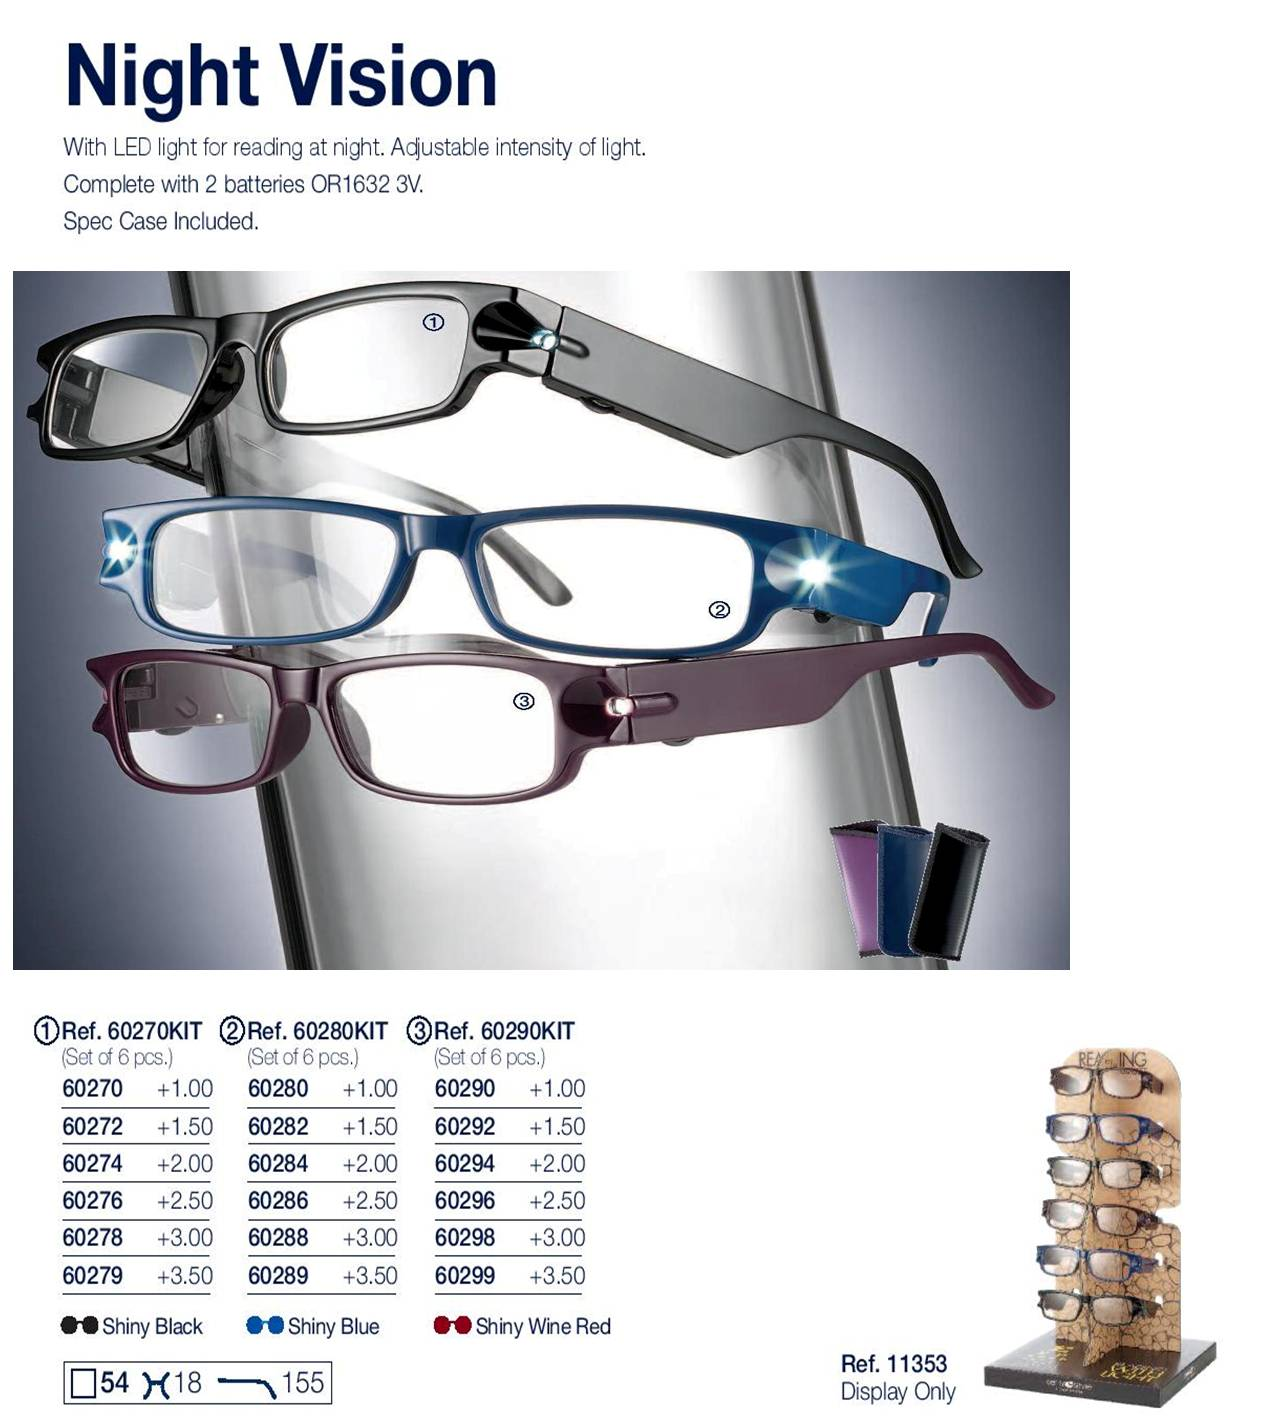 0260279 - Óculos Leitura Night Vision Preto +3,50 Mod 60279 FLAG 9  -Contém 1 Peça